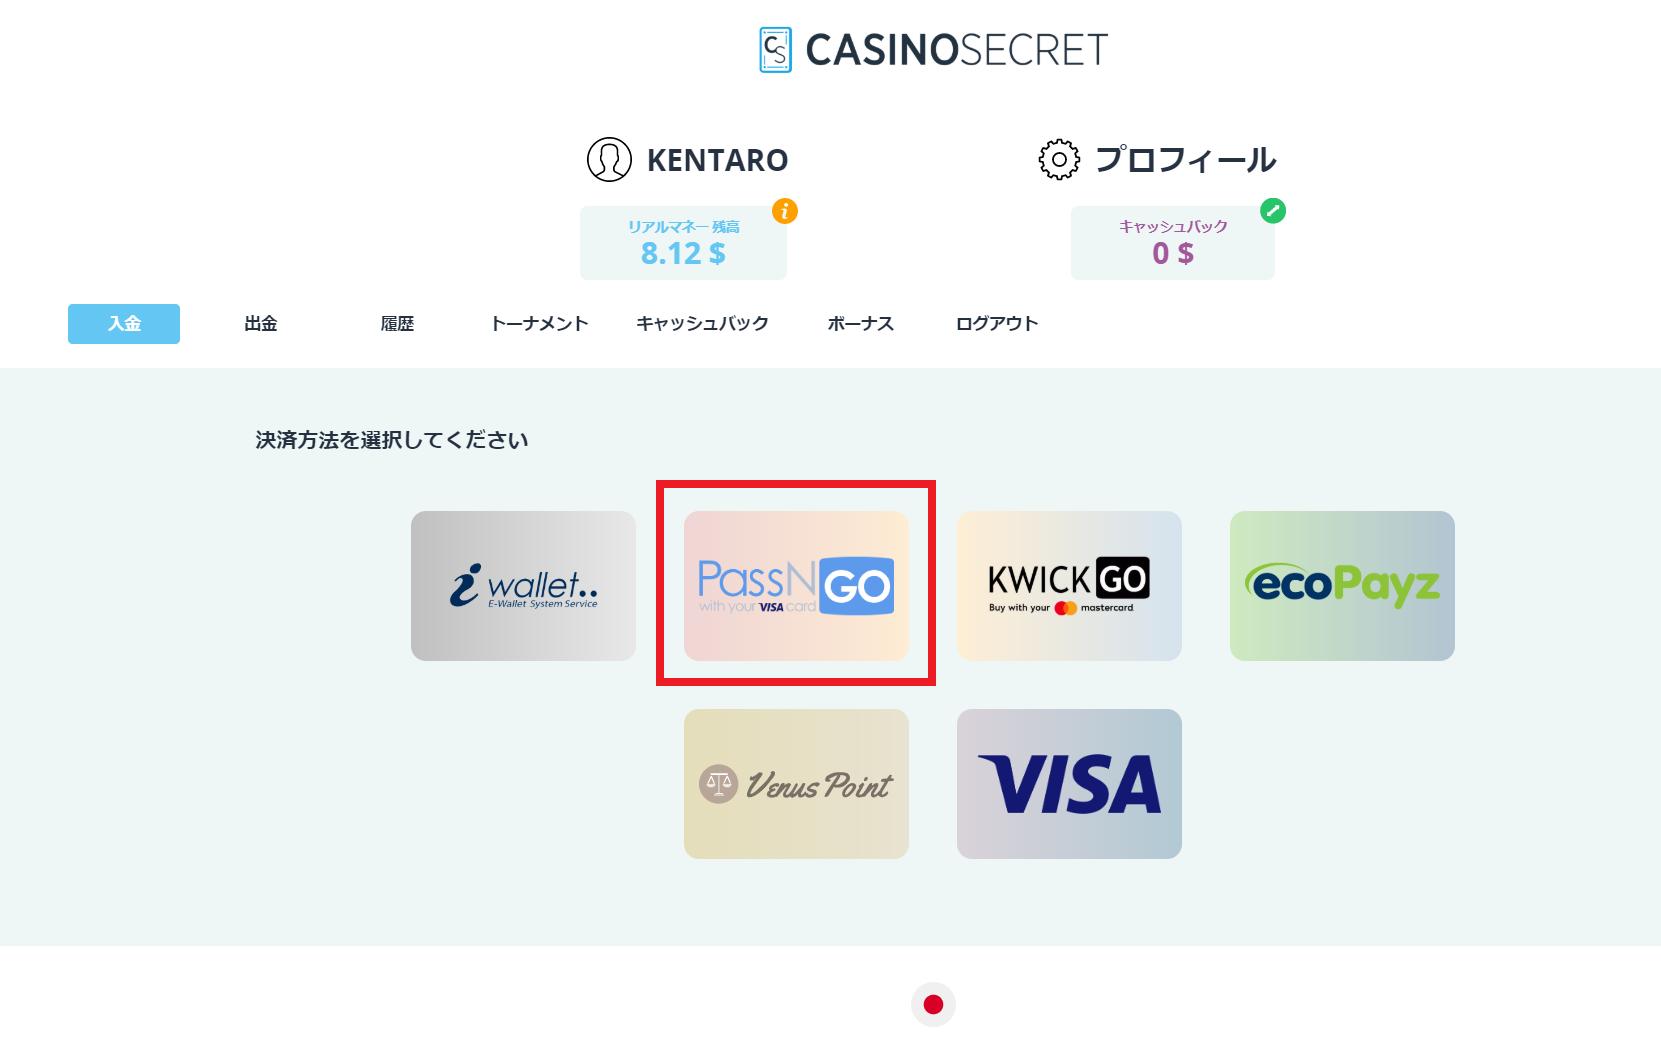 カジノシークレット 入金1